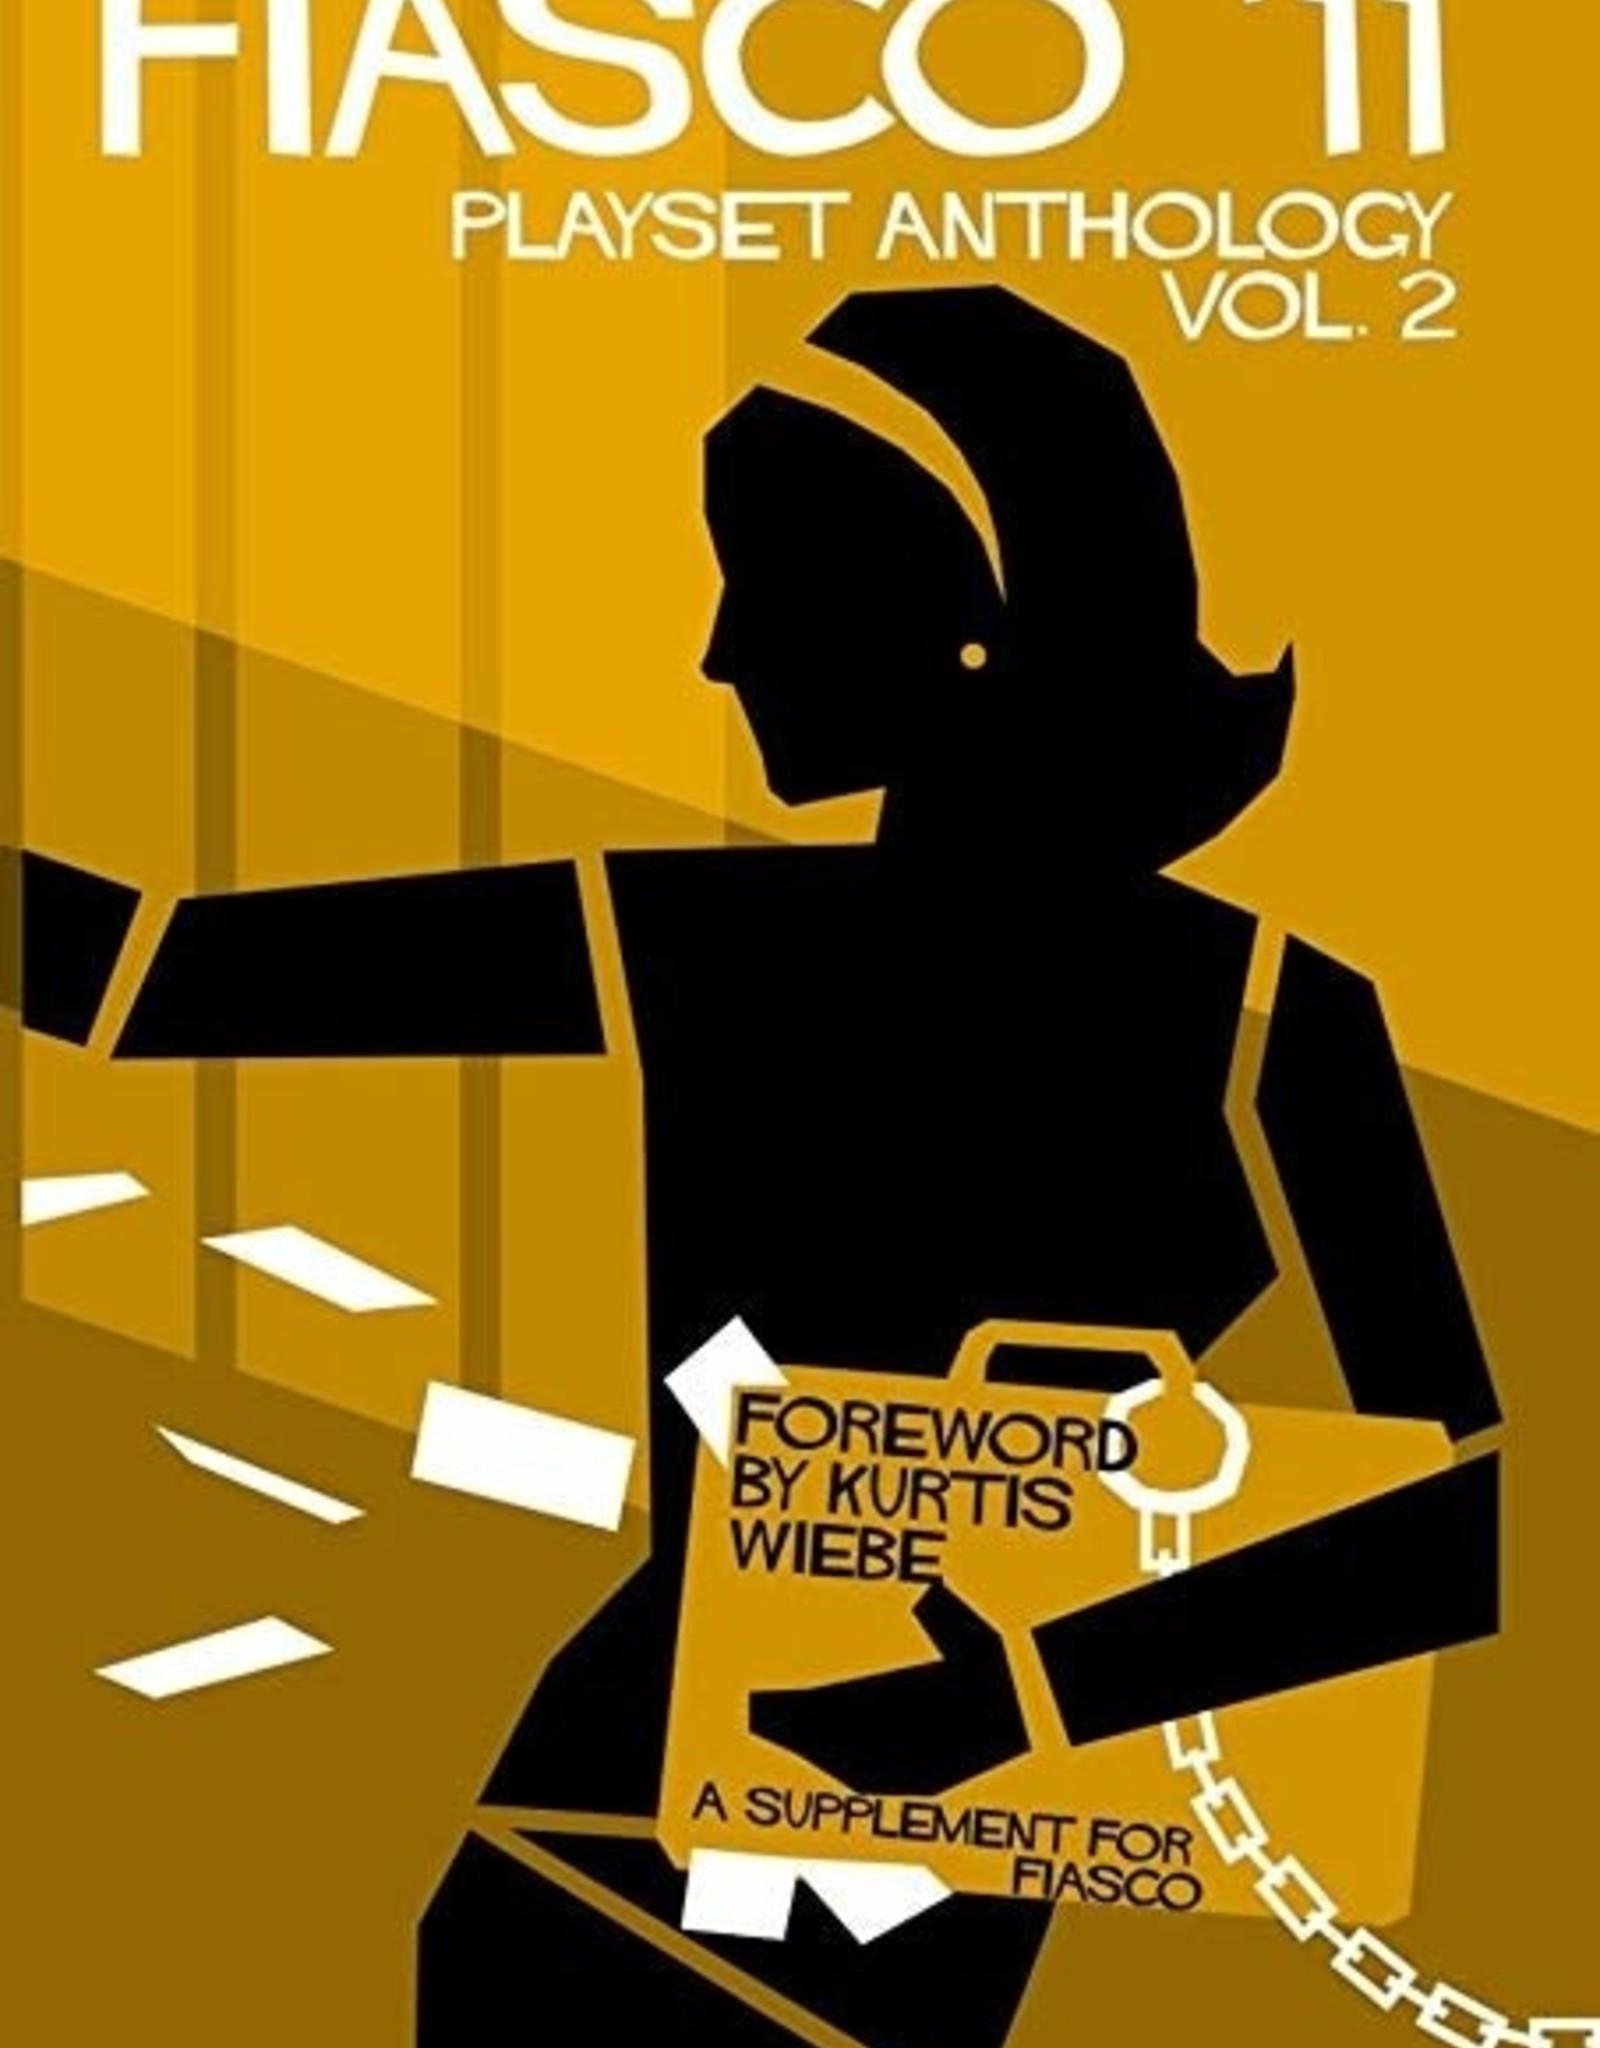 Fiasco '11 Playset Anthology 2